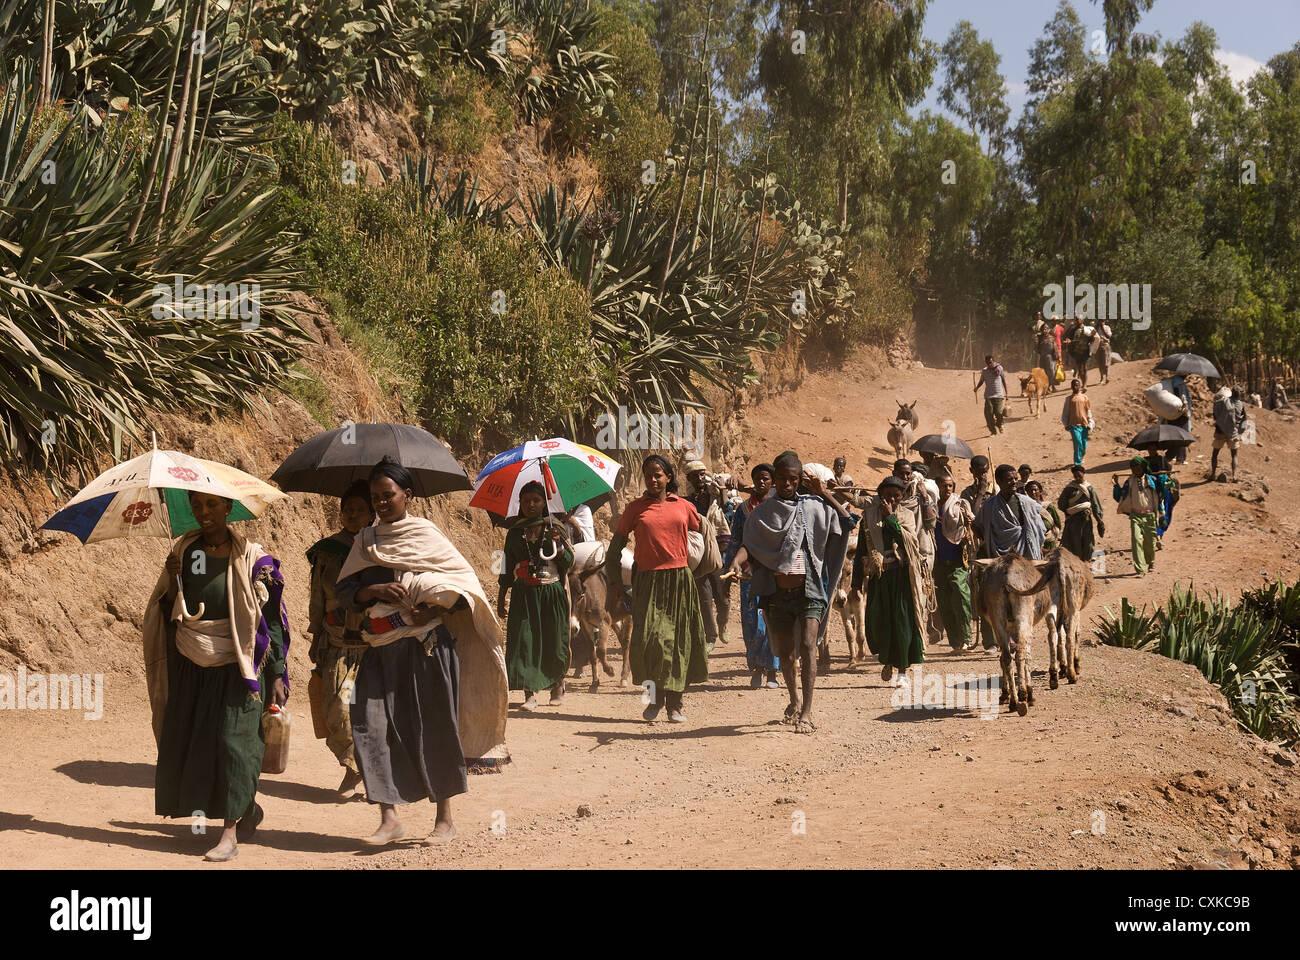 Elk200-3045 Ethiopia, Lalibela, people coming to market - Stock Image